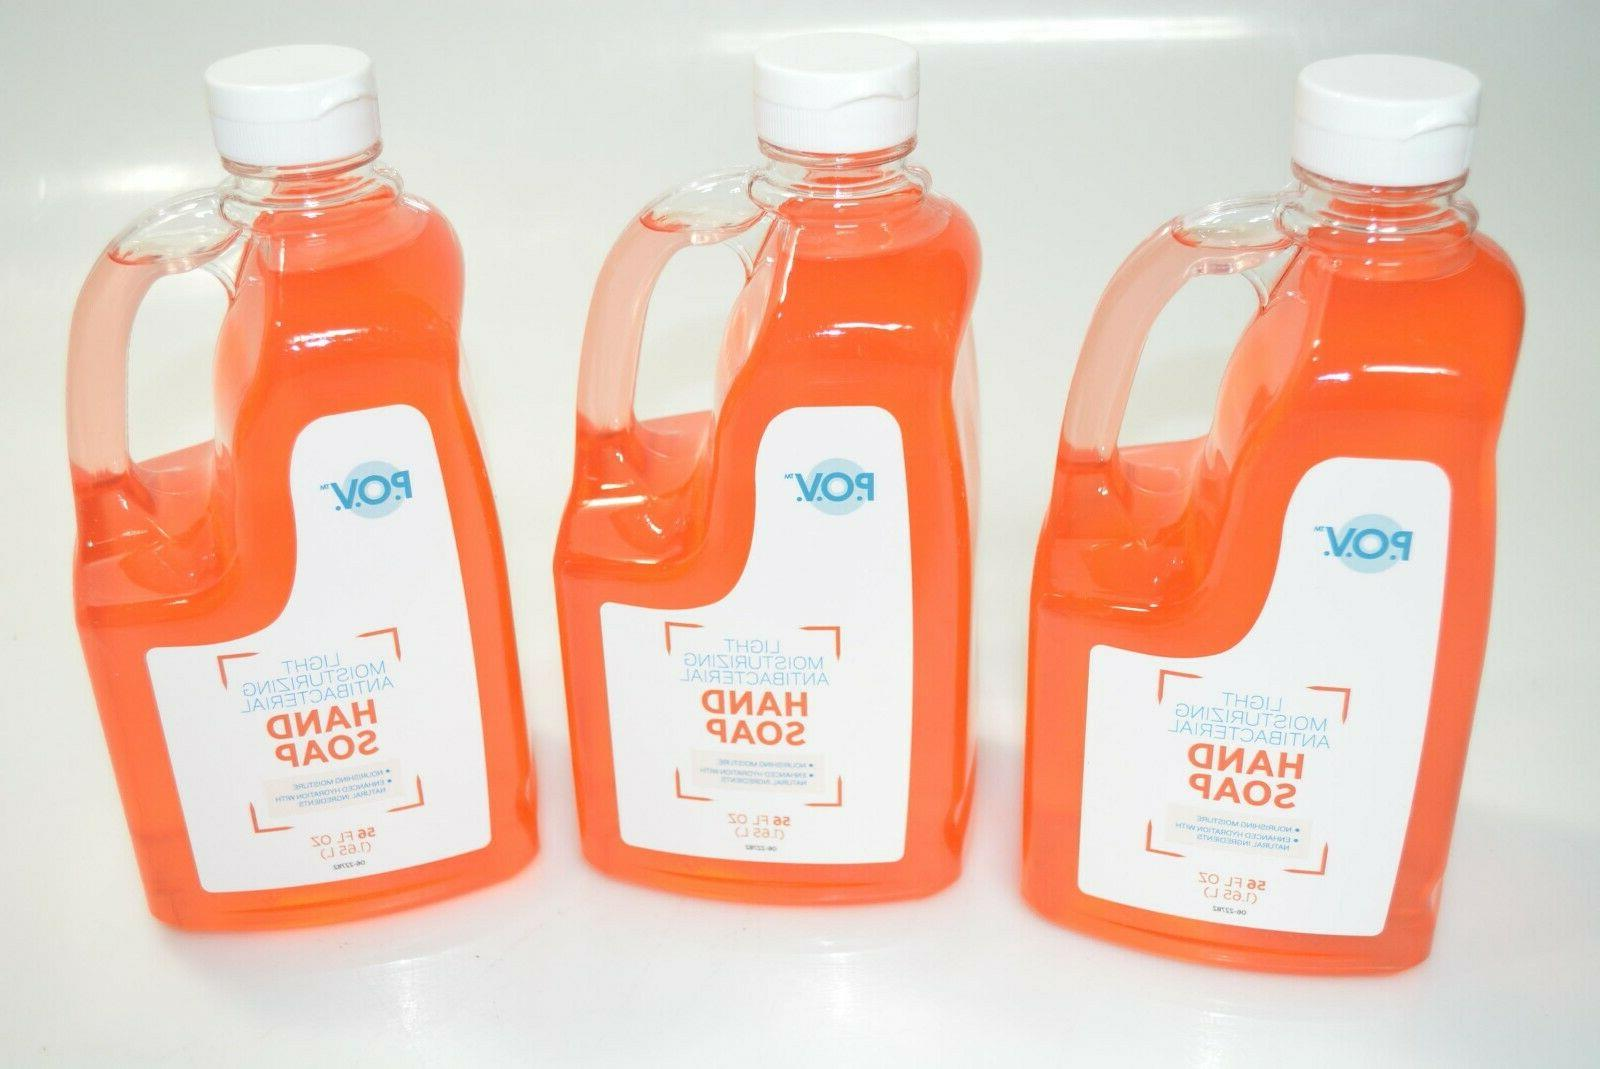 P.O.V. Antibacterial Liquid Fl Oz 6